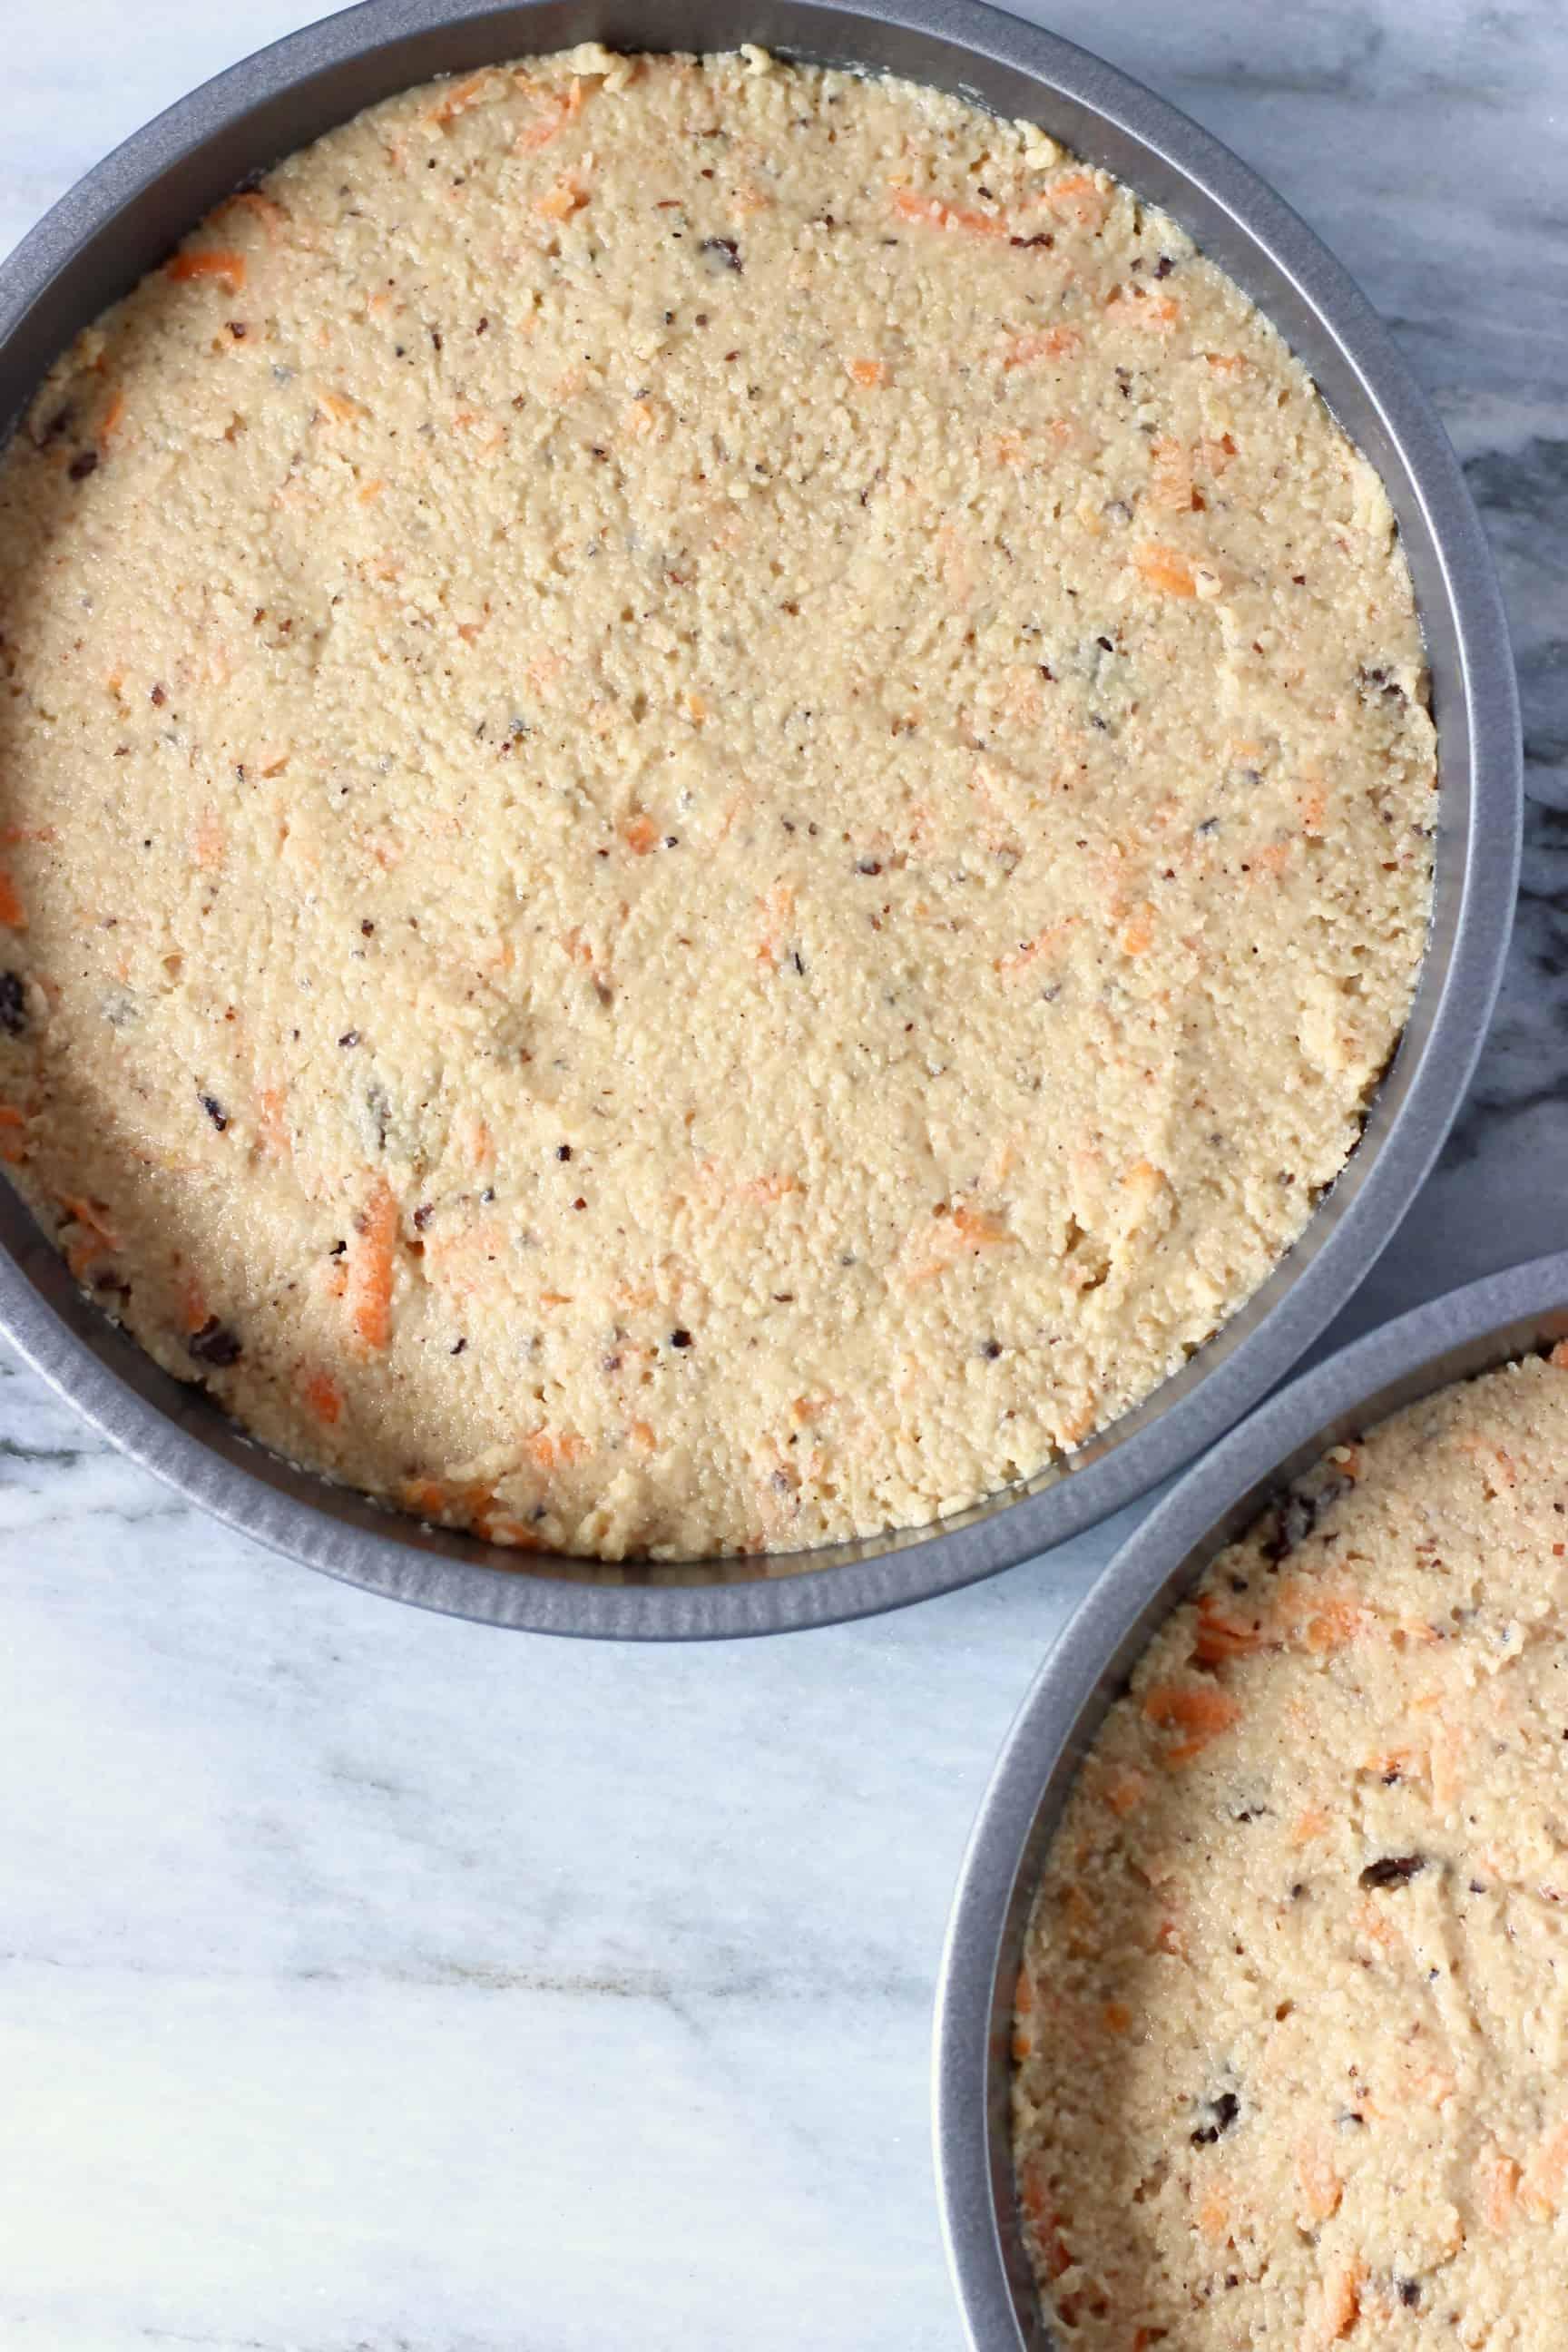 Two baking tins filled with raw vegan carrot cake batter